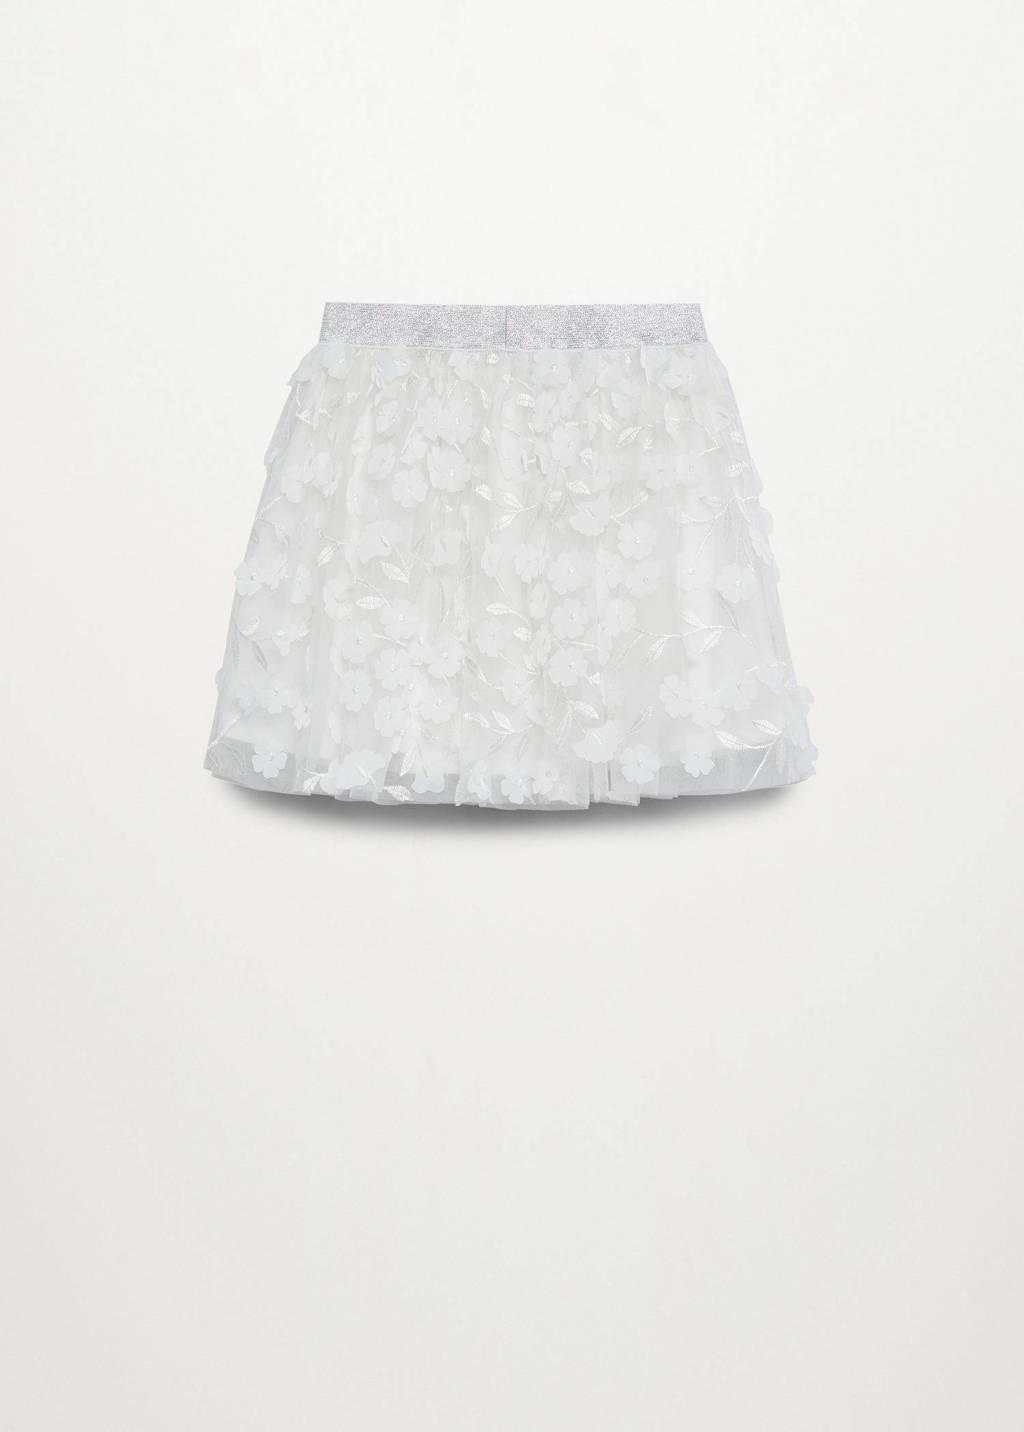 Mango Kids tulen rok met bloemen borduursels wit, naturel wit